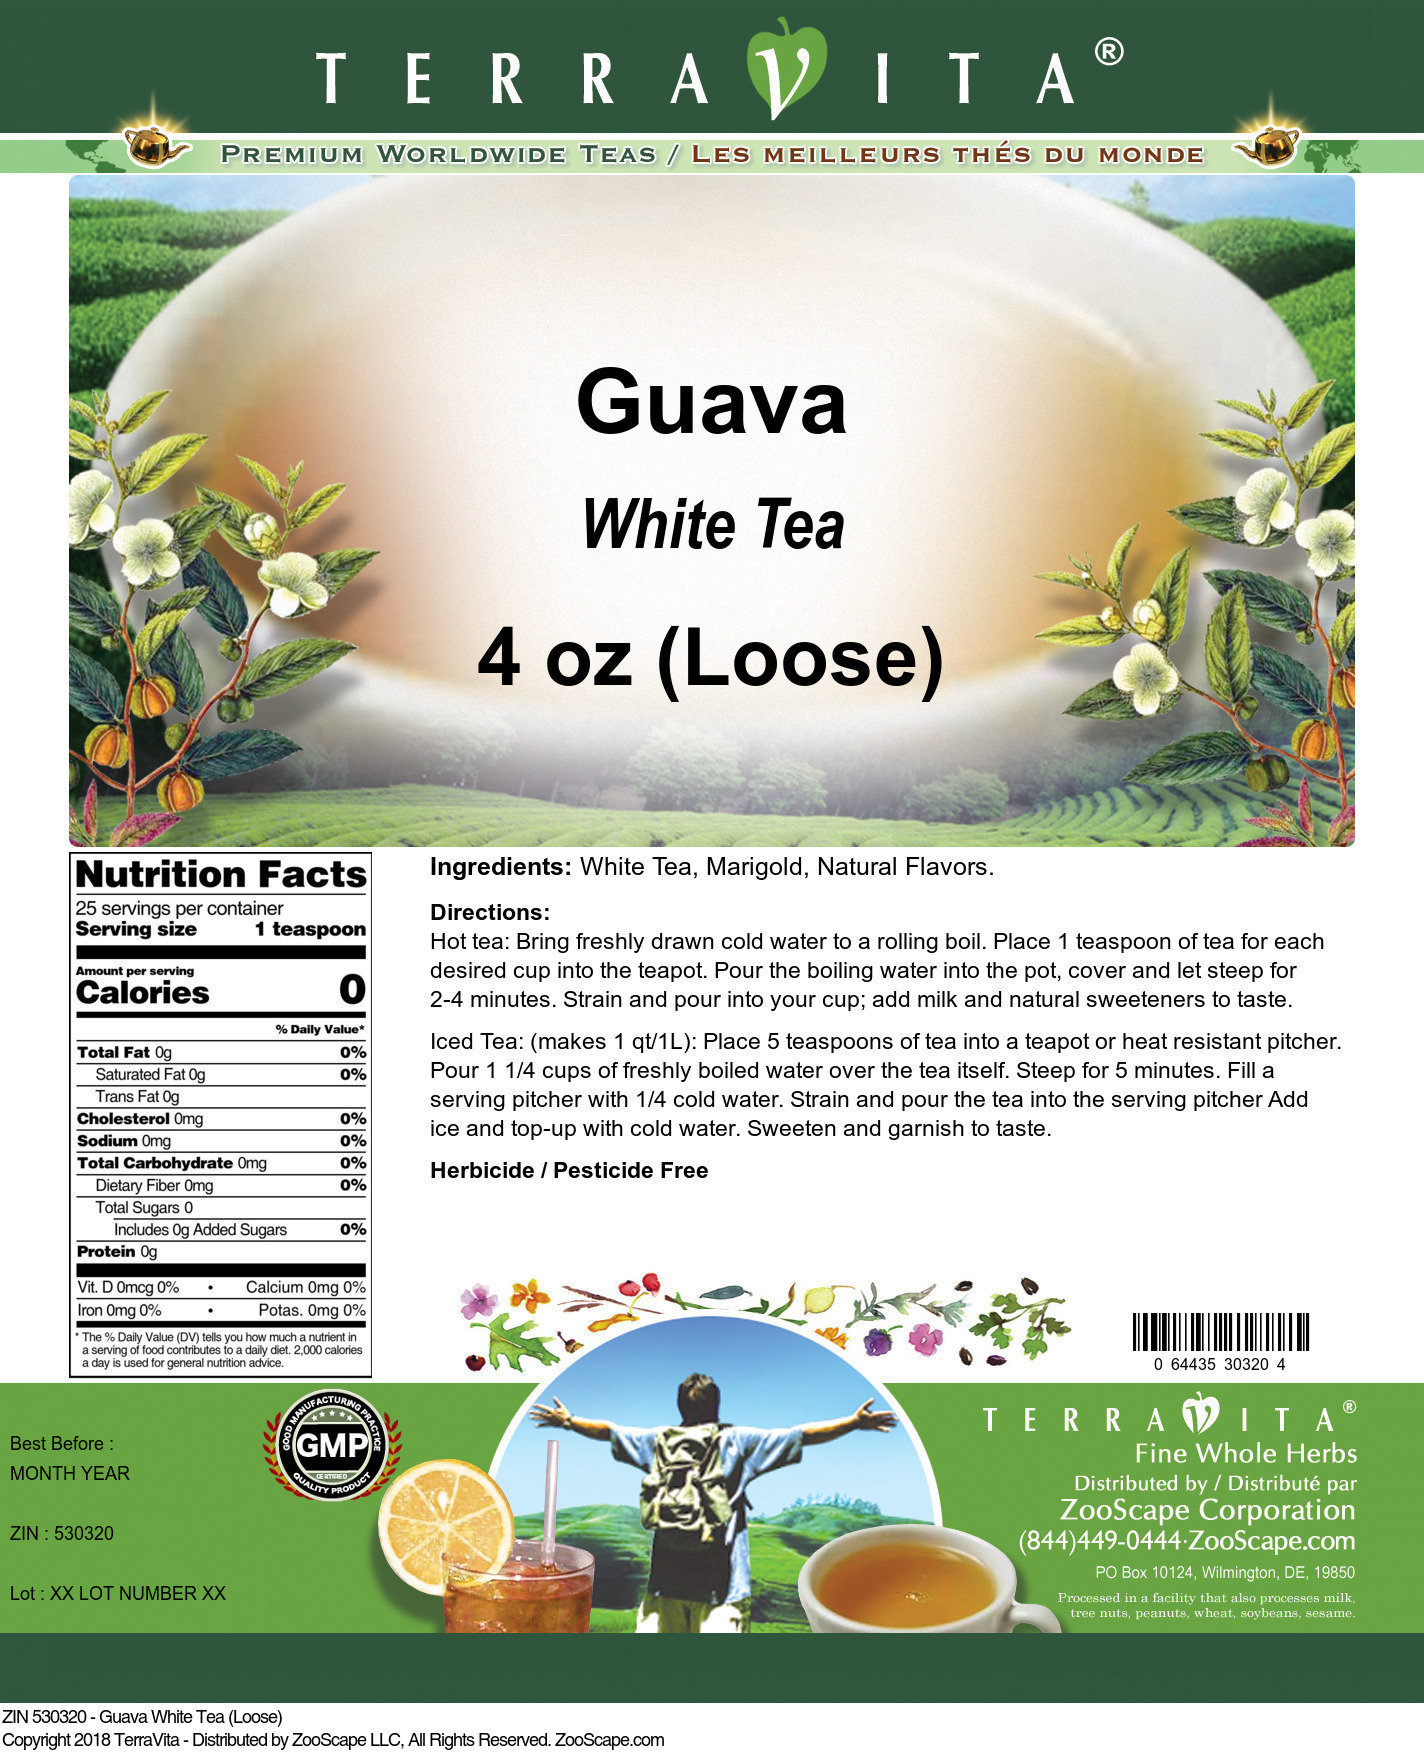 Guava White Tea (Loose)